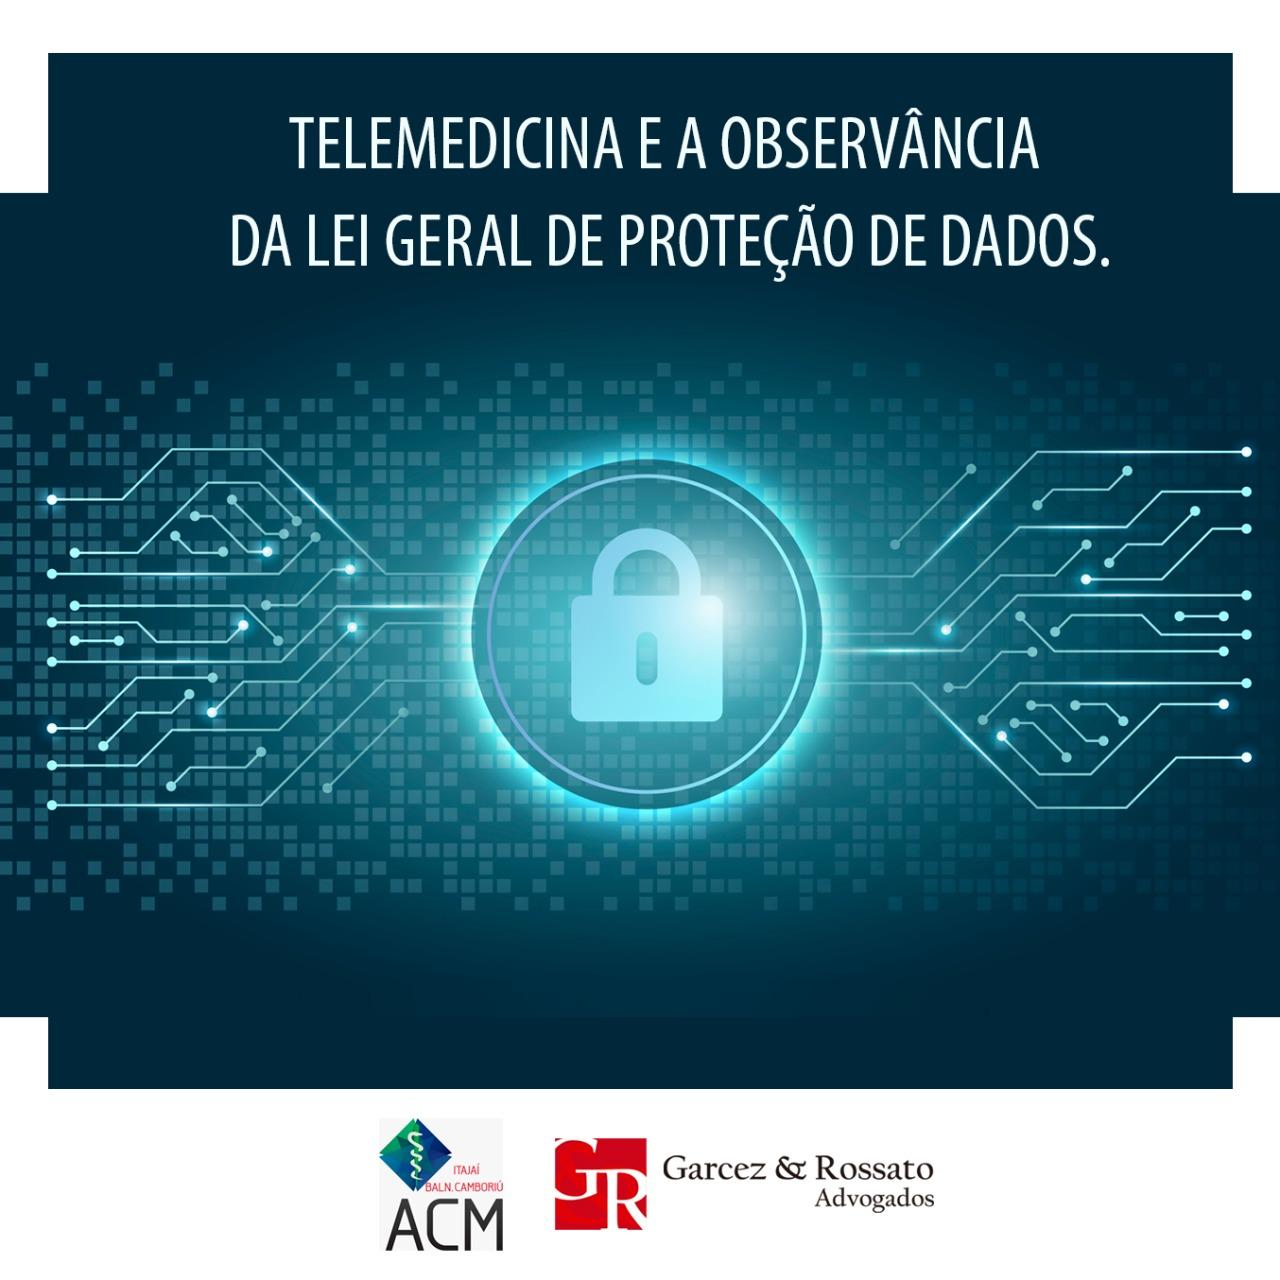 Telemedicina e a observância da Lei Geral de Proteção de Dados